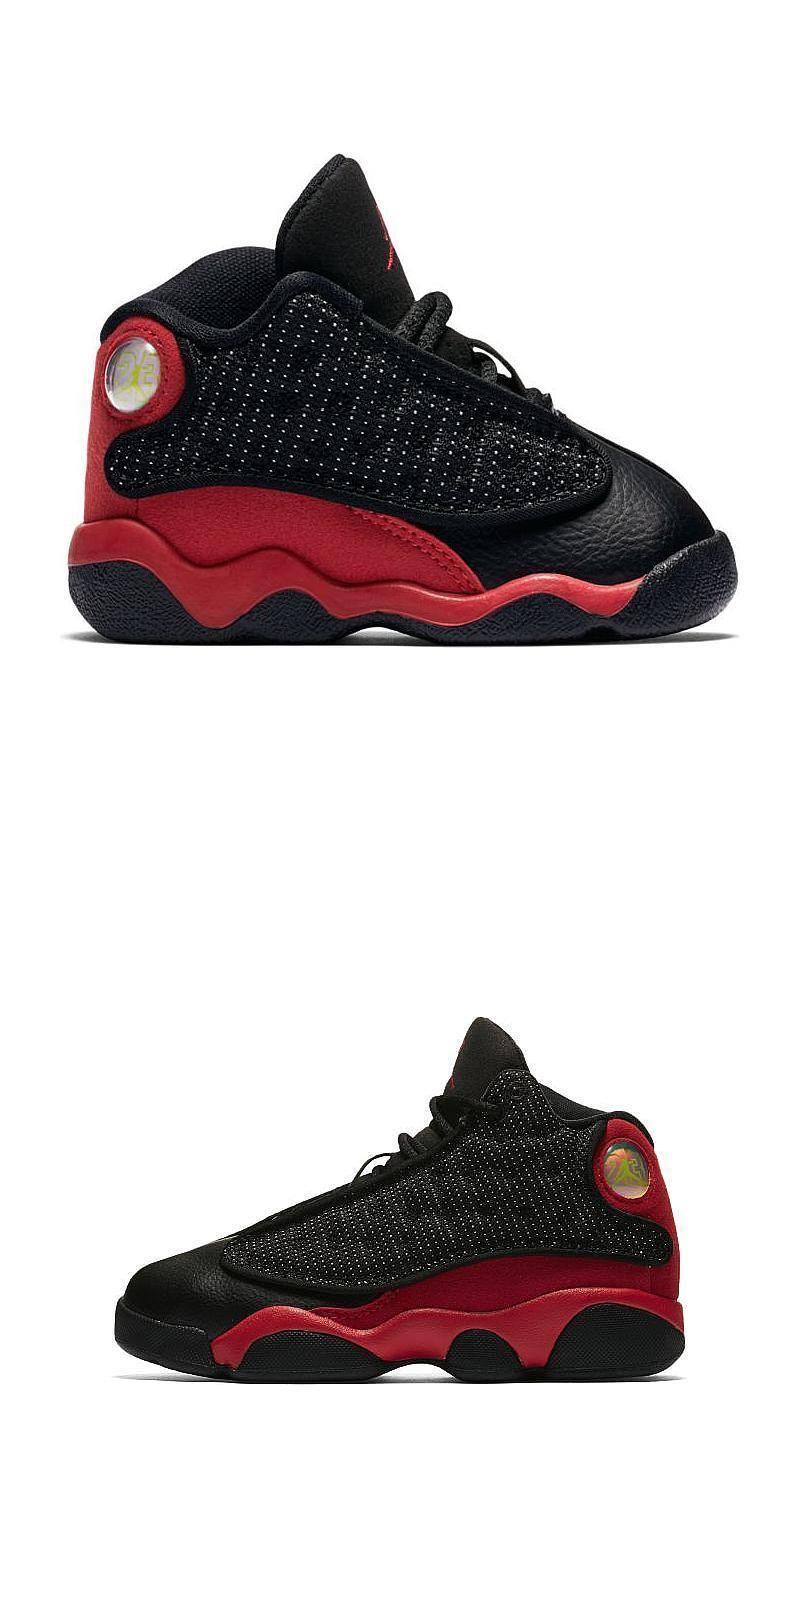 Hombre Zapatos 57929 Xiii Air Jordan 2018 Retro Xiii 57929 13 Hombre Ps Td Bred ecd005